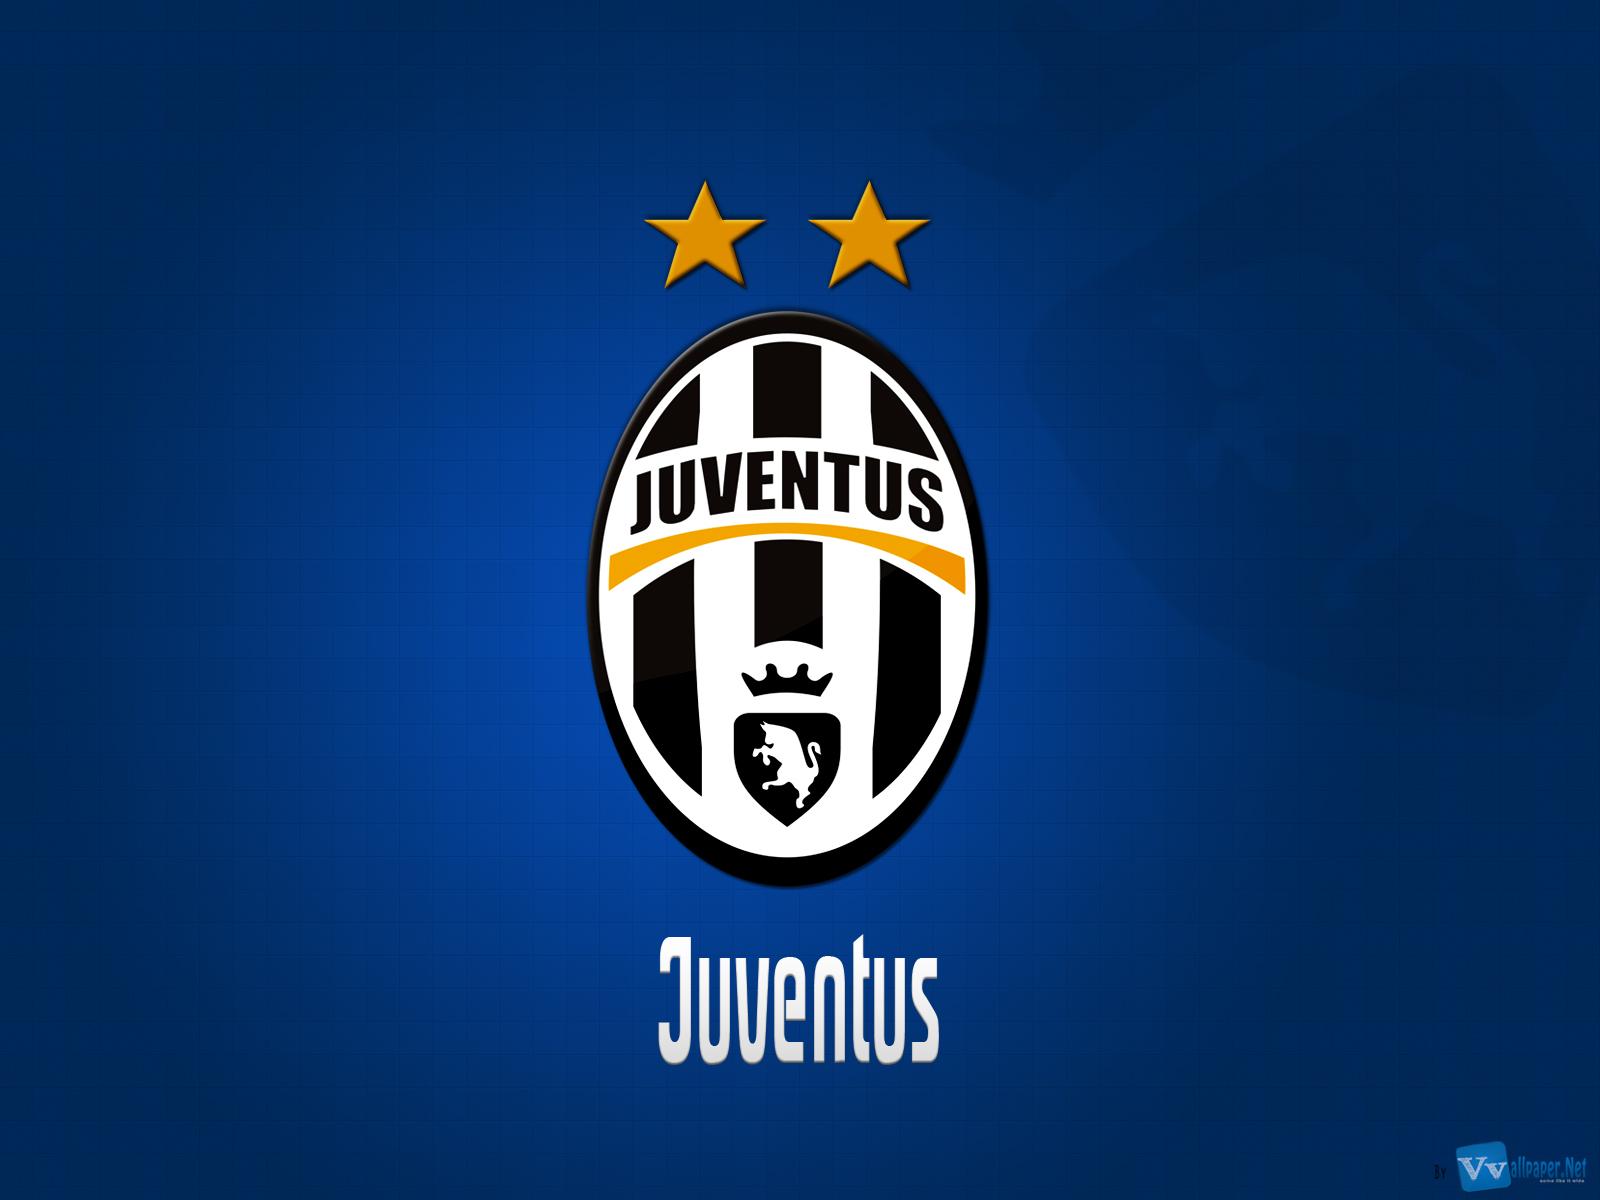 Juventus Fc: JUVENTUS FC LOGO HD WALLPAPERS For Windows 7